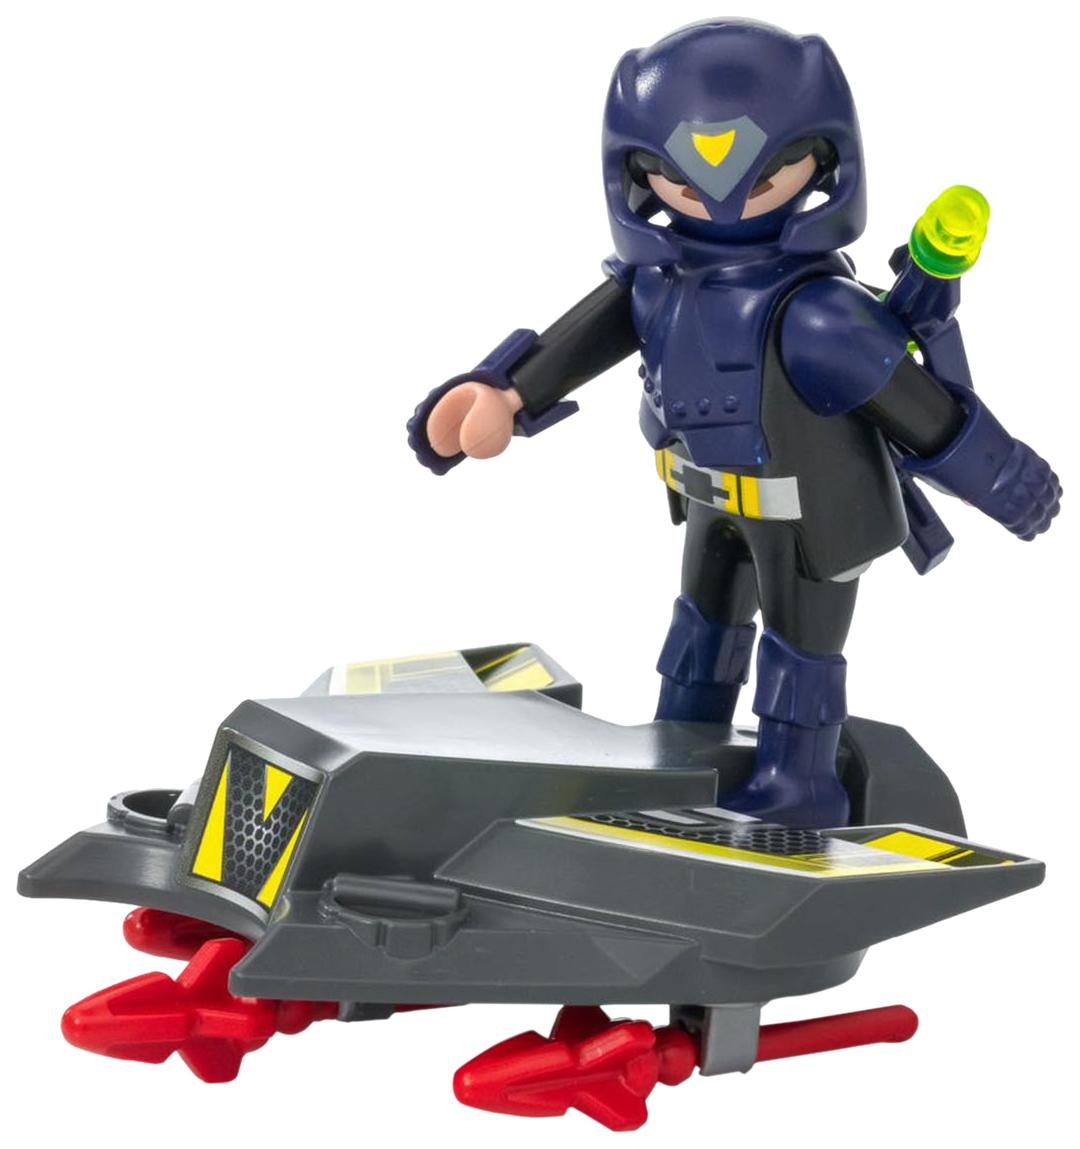 Купить Игровой набор Playmobil Экстра-набор:Небесный рыцарь с самолетом, Игровые наборы